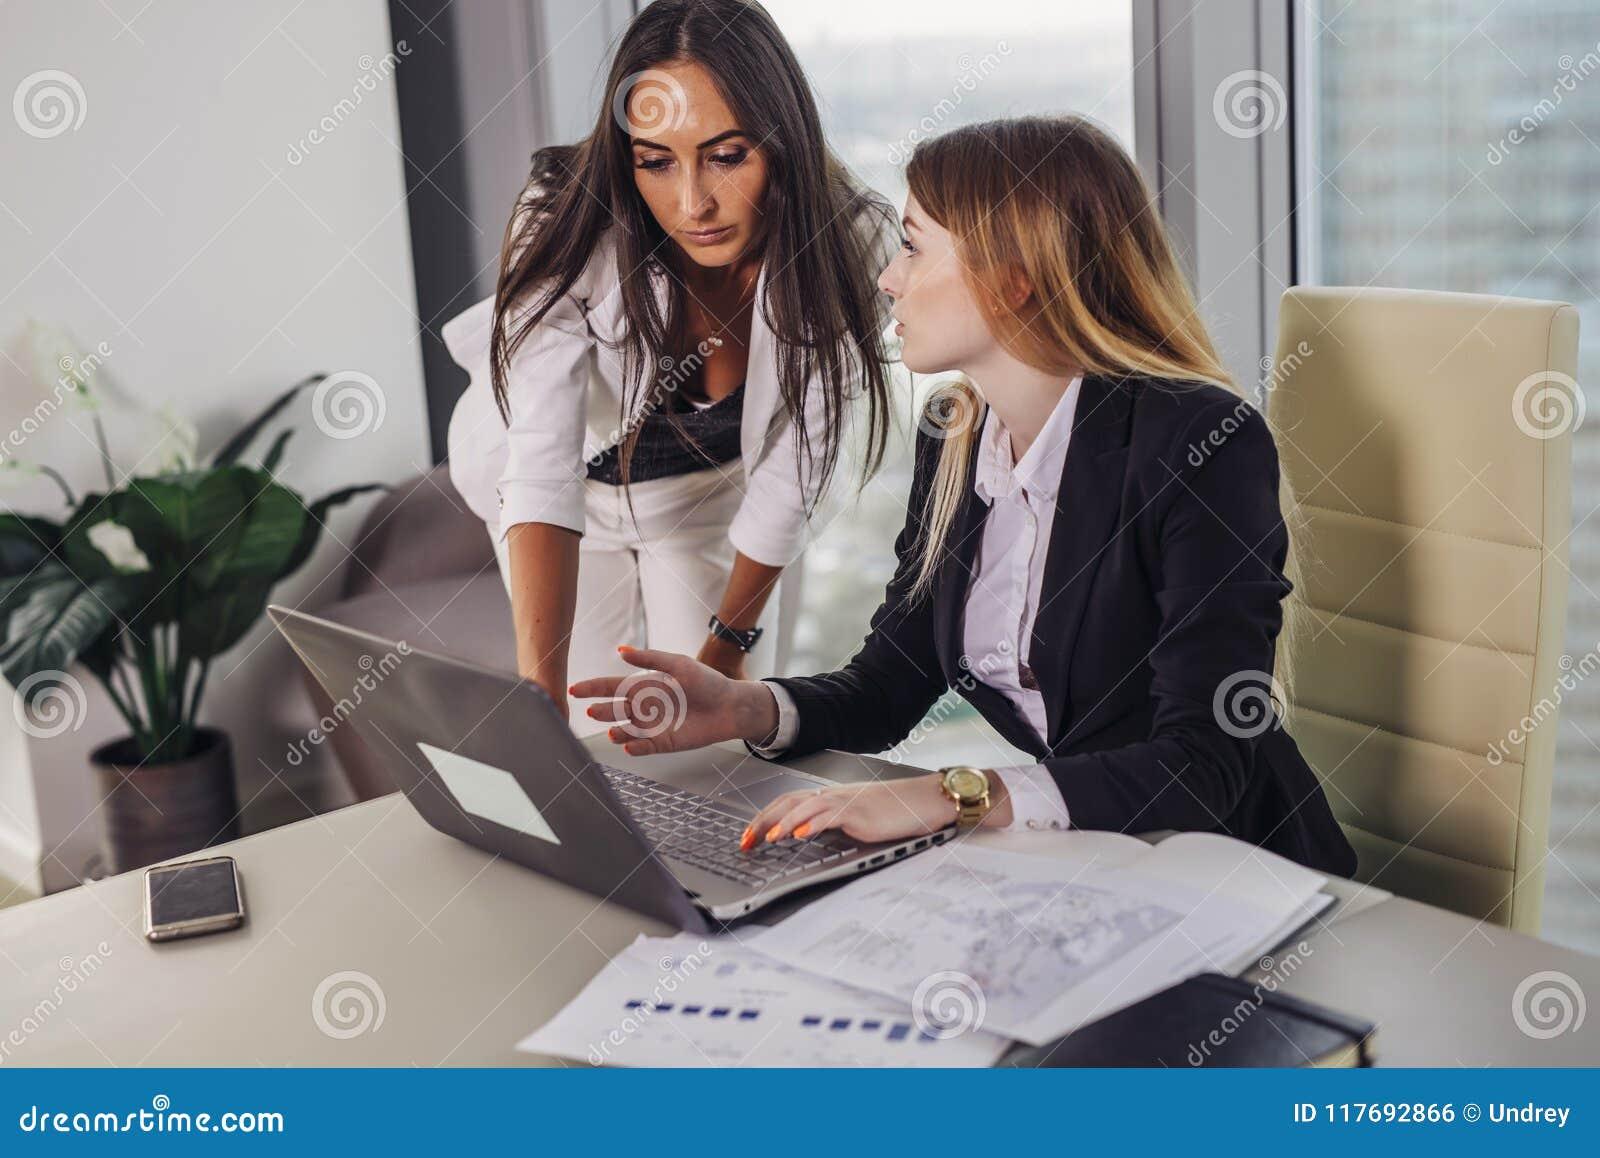 Νέα γυναίκα βοηθός που συσκέπτεται με έναν τοπ διευθυντή που παρουσιάζει στοιχεία όσον αφορά την οθόνη lap-top και που ζητά τη συ